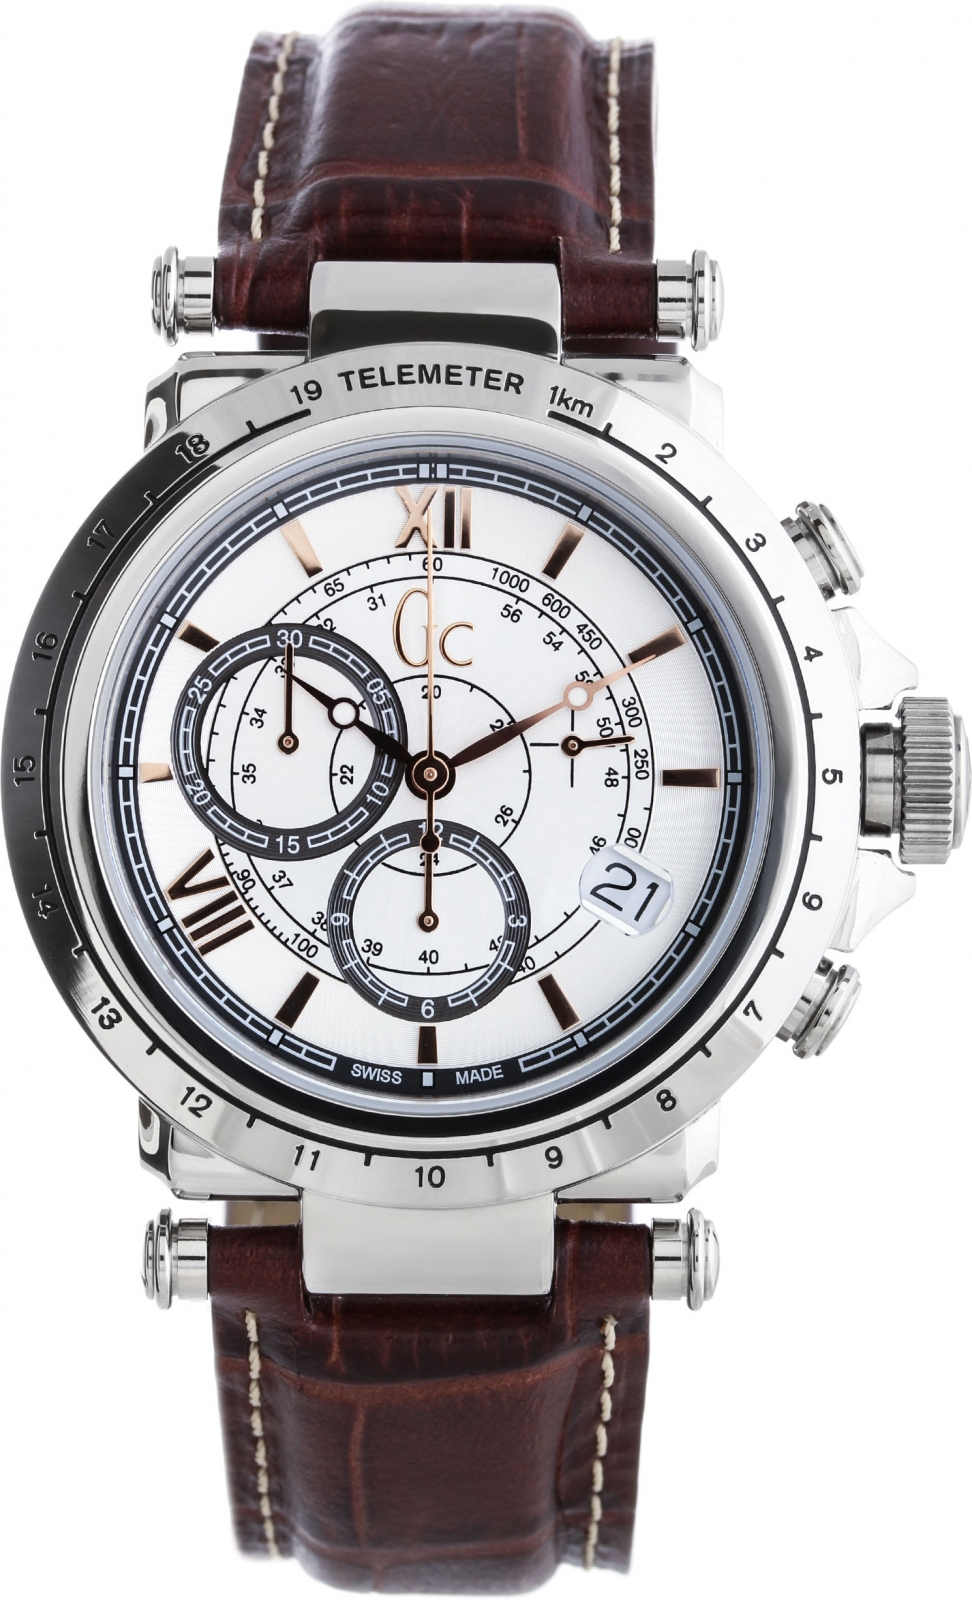 GC Sport Chic X44005G1Наручные часы<br>Швейцарские часы GC Sport Chic X44005G1<br><br>Пол: Мужские<br>Страна-производитель: Швейцария<br>Механизм: Кварцевый<br>Материал корпуса: Сталь<br>Материал ремня/браслета: Кожа<br>Водозащита, диапазон: 100 - 150 м<br>Стекло: Минеральное<br>Толщина корпуса: 10 мм<br>Стиль: Спорт